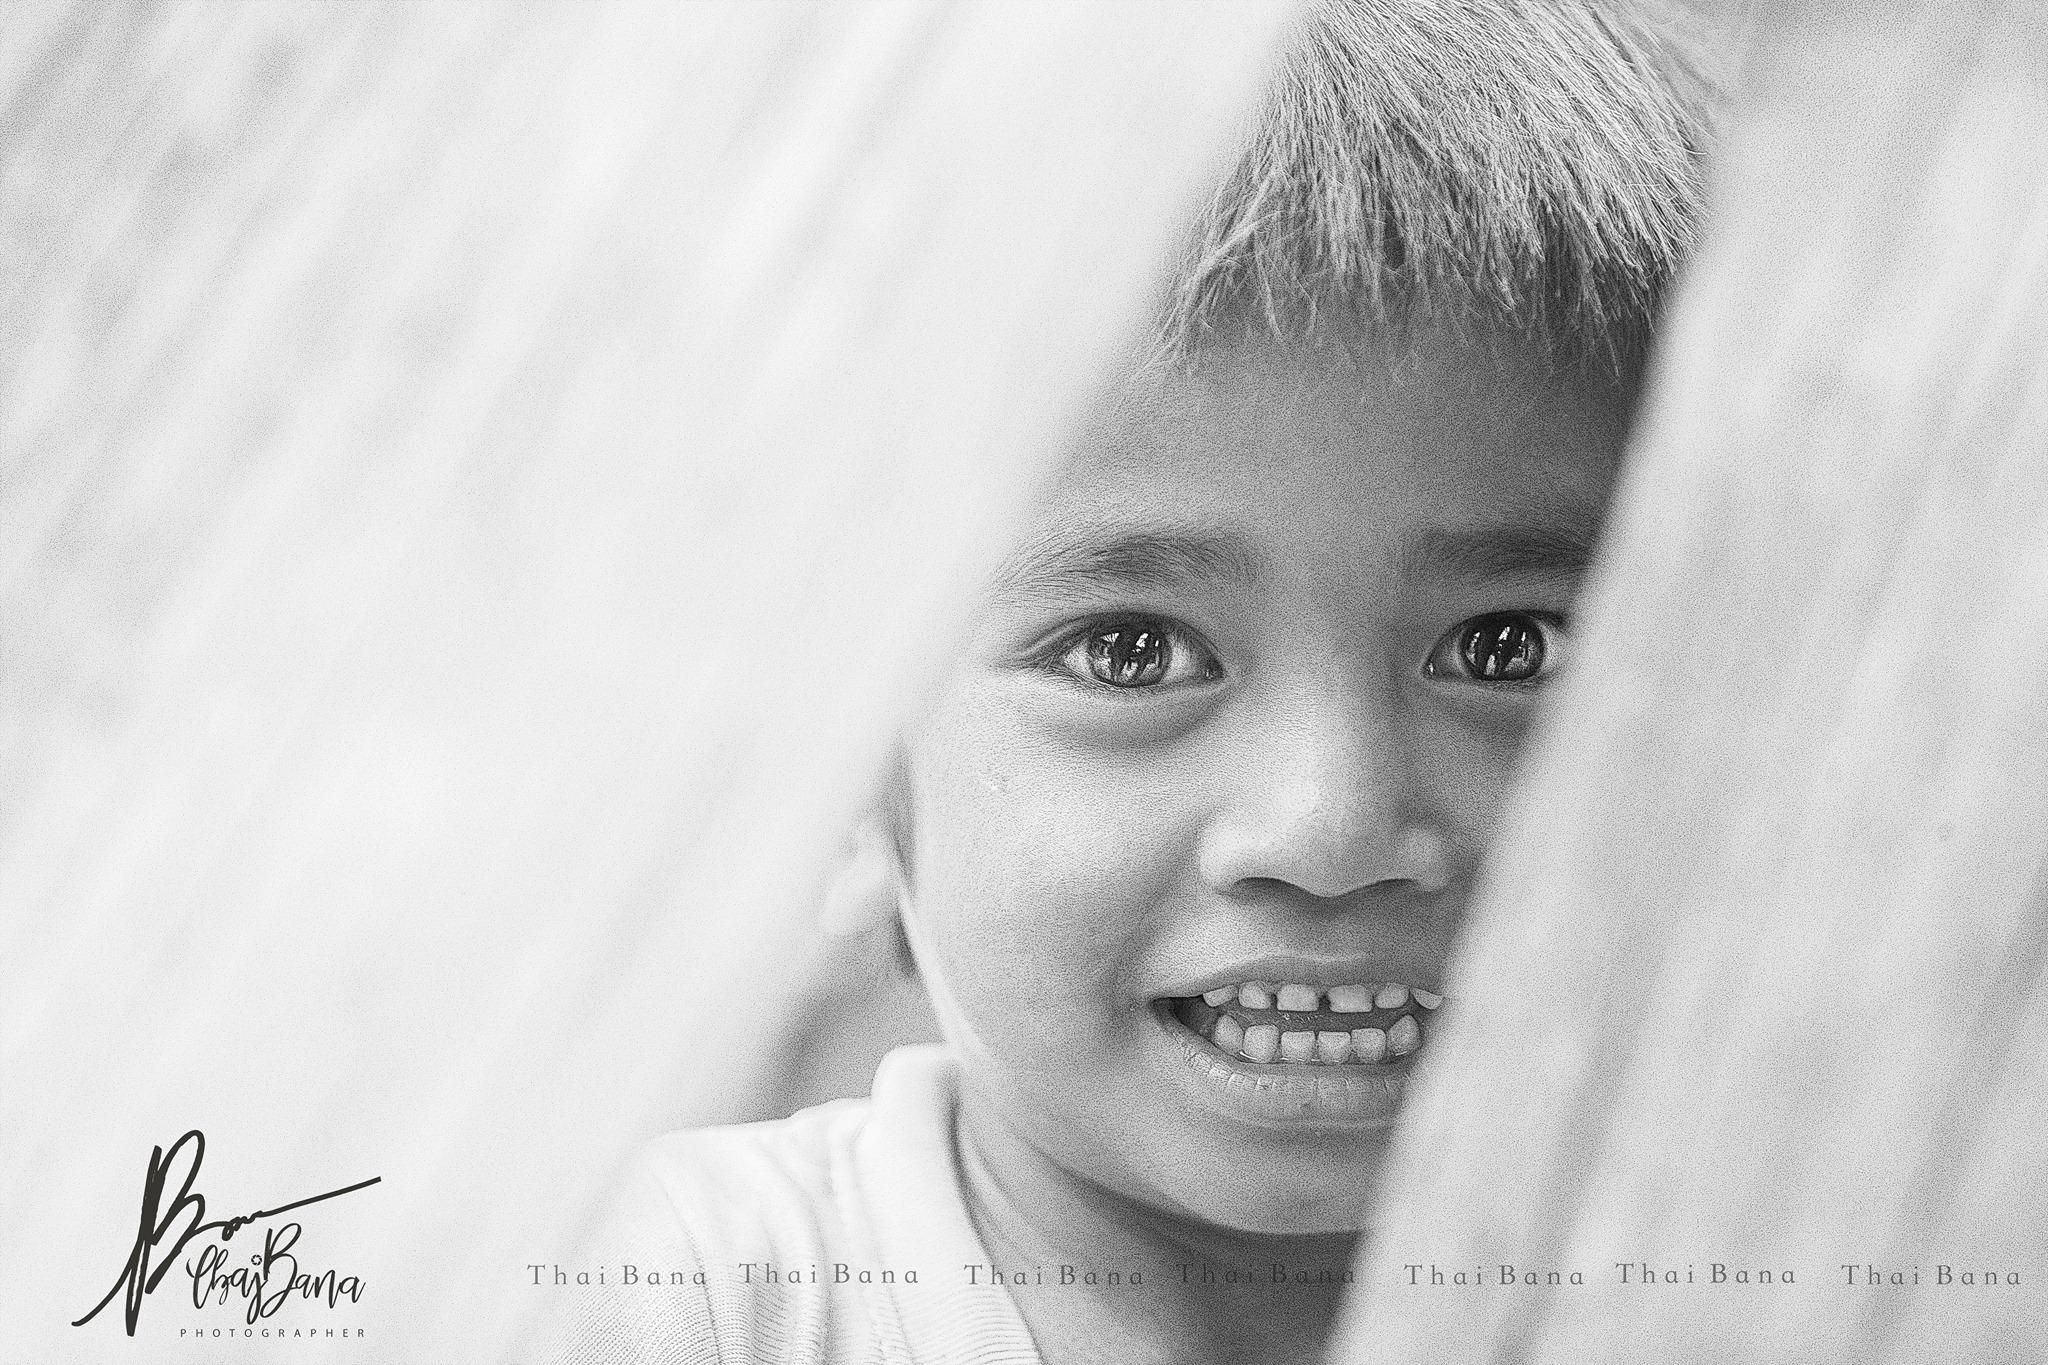 Chân dung đại ngàn – NAG Thái Bana